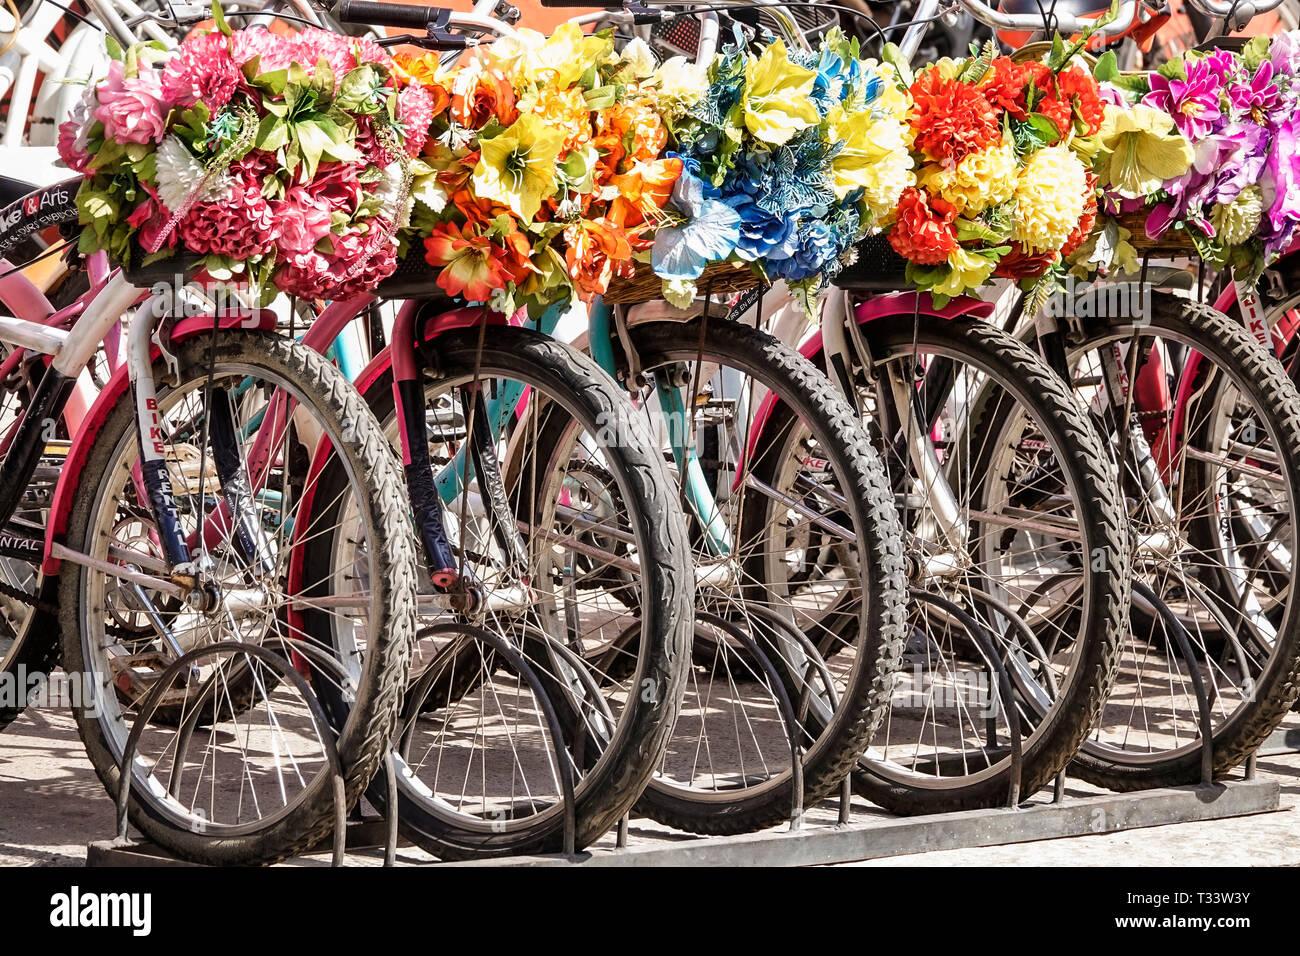 Colombia, Cartagena, Centro de la Ciudad amurallada Vieja, Getsemani, alquiler de bicicletas, cestas decorativas de flores, rueda, turismo visitantes viajar travelin Foto de stock